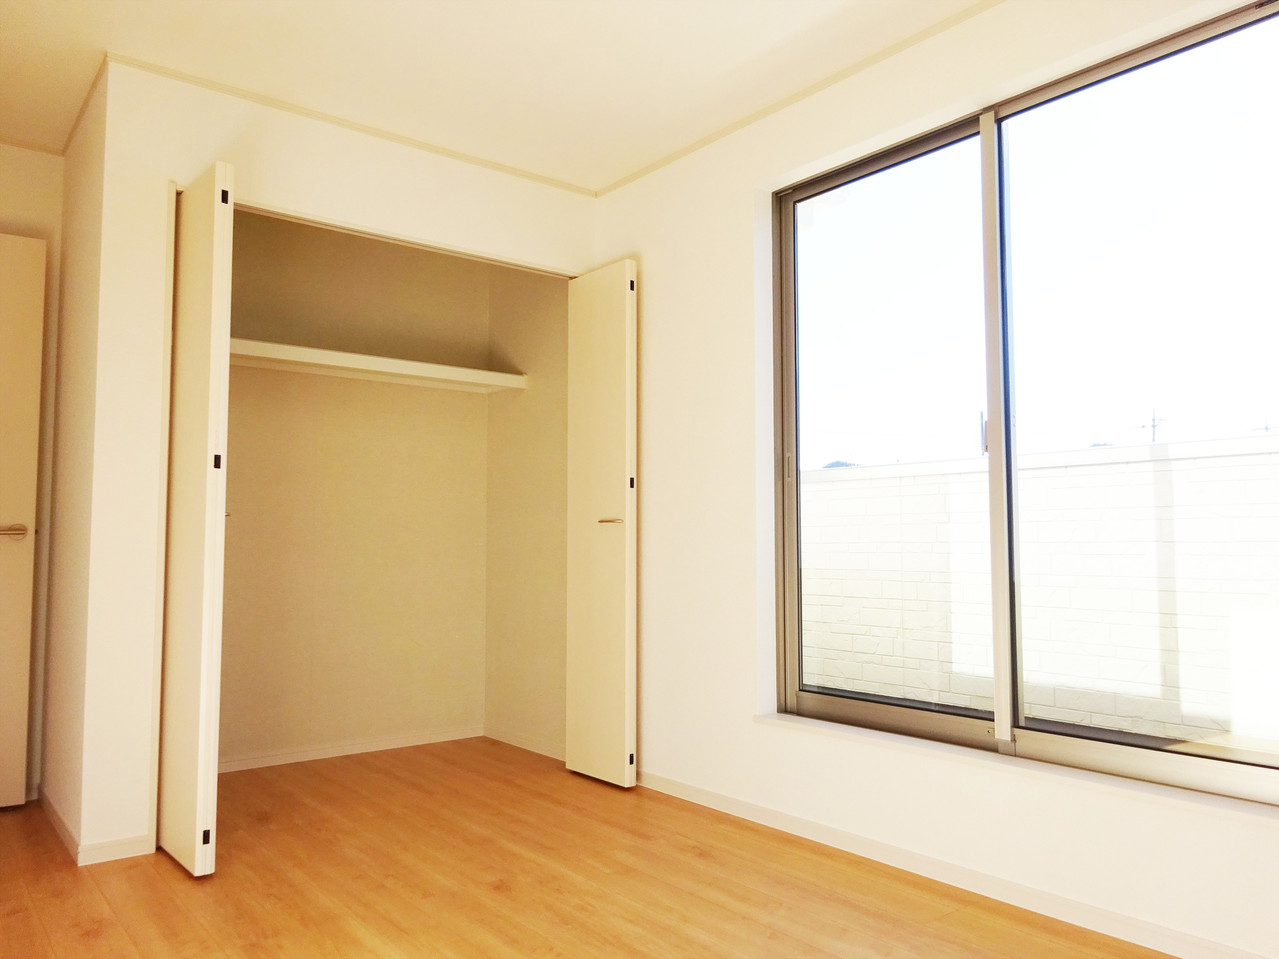 明るく、収納スペースも完備された洋室は、子供部屋としても、寝室としてもお使い頂けます